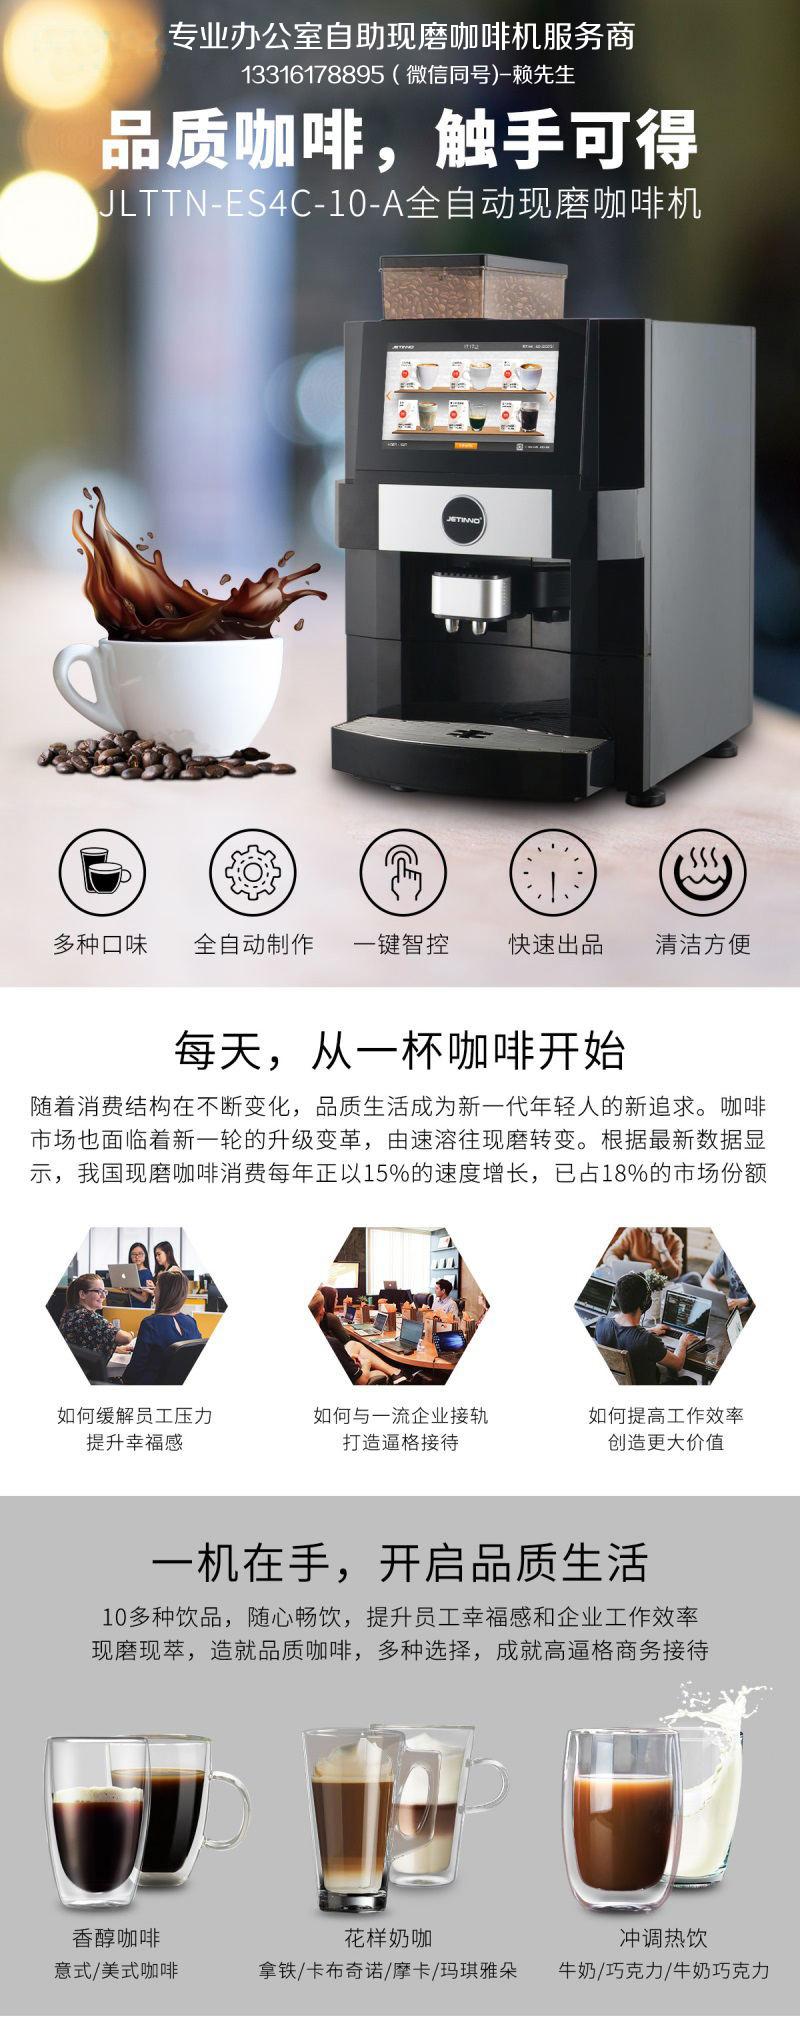 自动咖啡机,无人咖啡机,办公室咖啡机,自动咖啡机公司,自动咖啡机多少钱一台